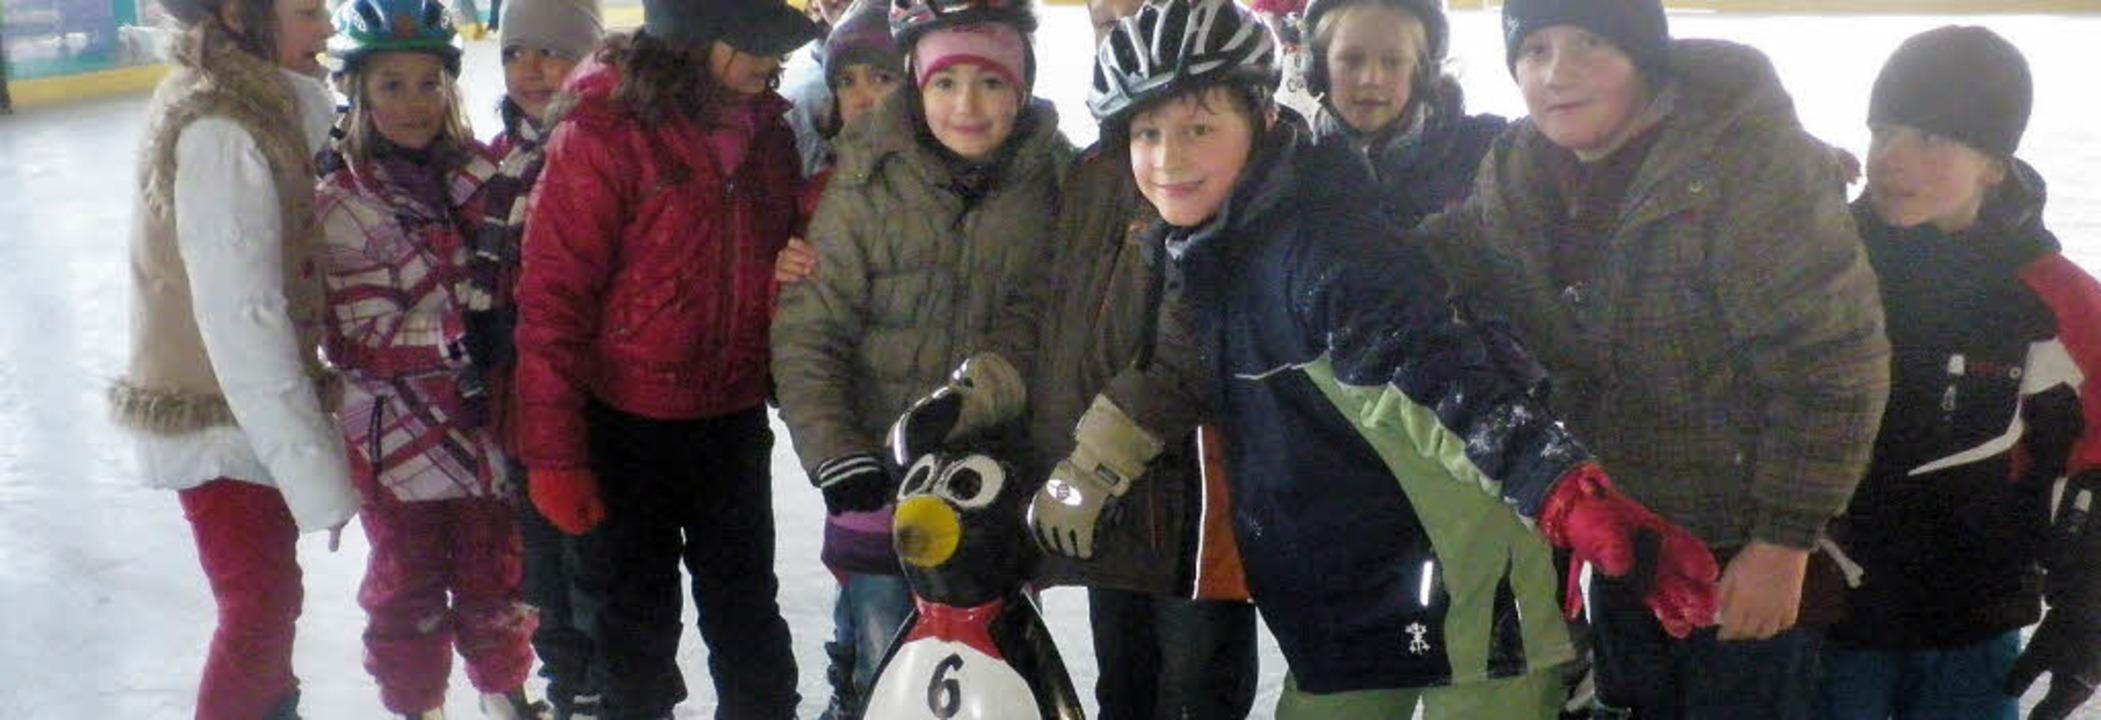 Skitag an der Talschule Wehr  | Foto: bz